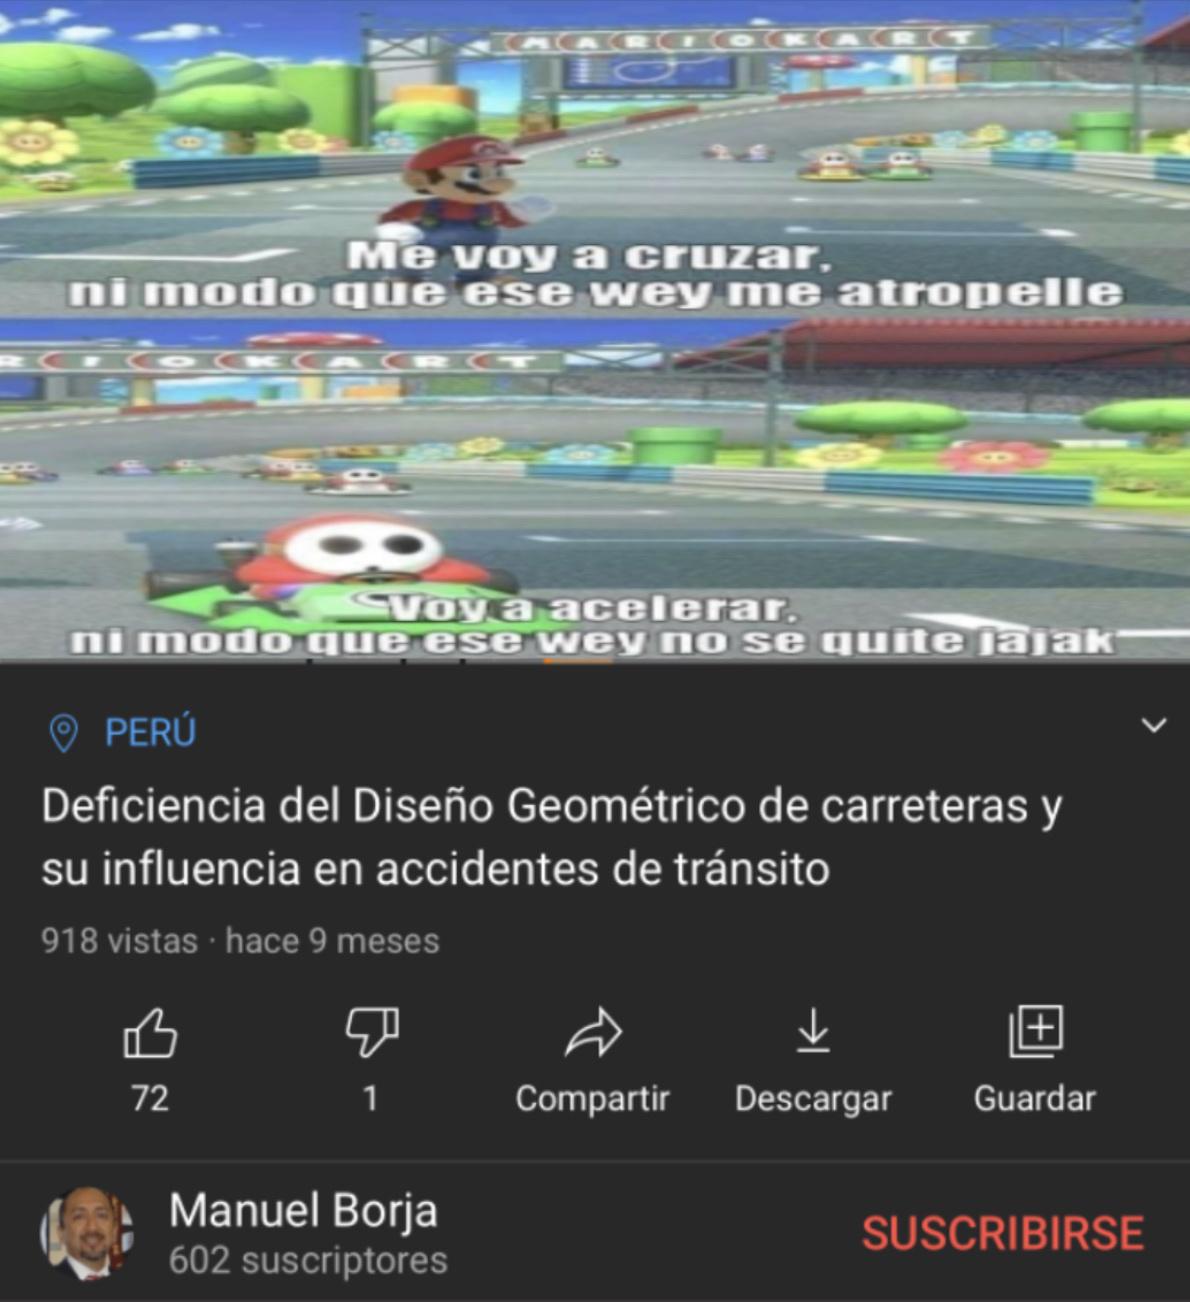 imagen original de El_vromas_1 - meme